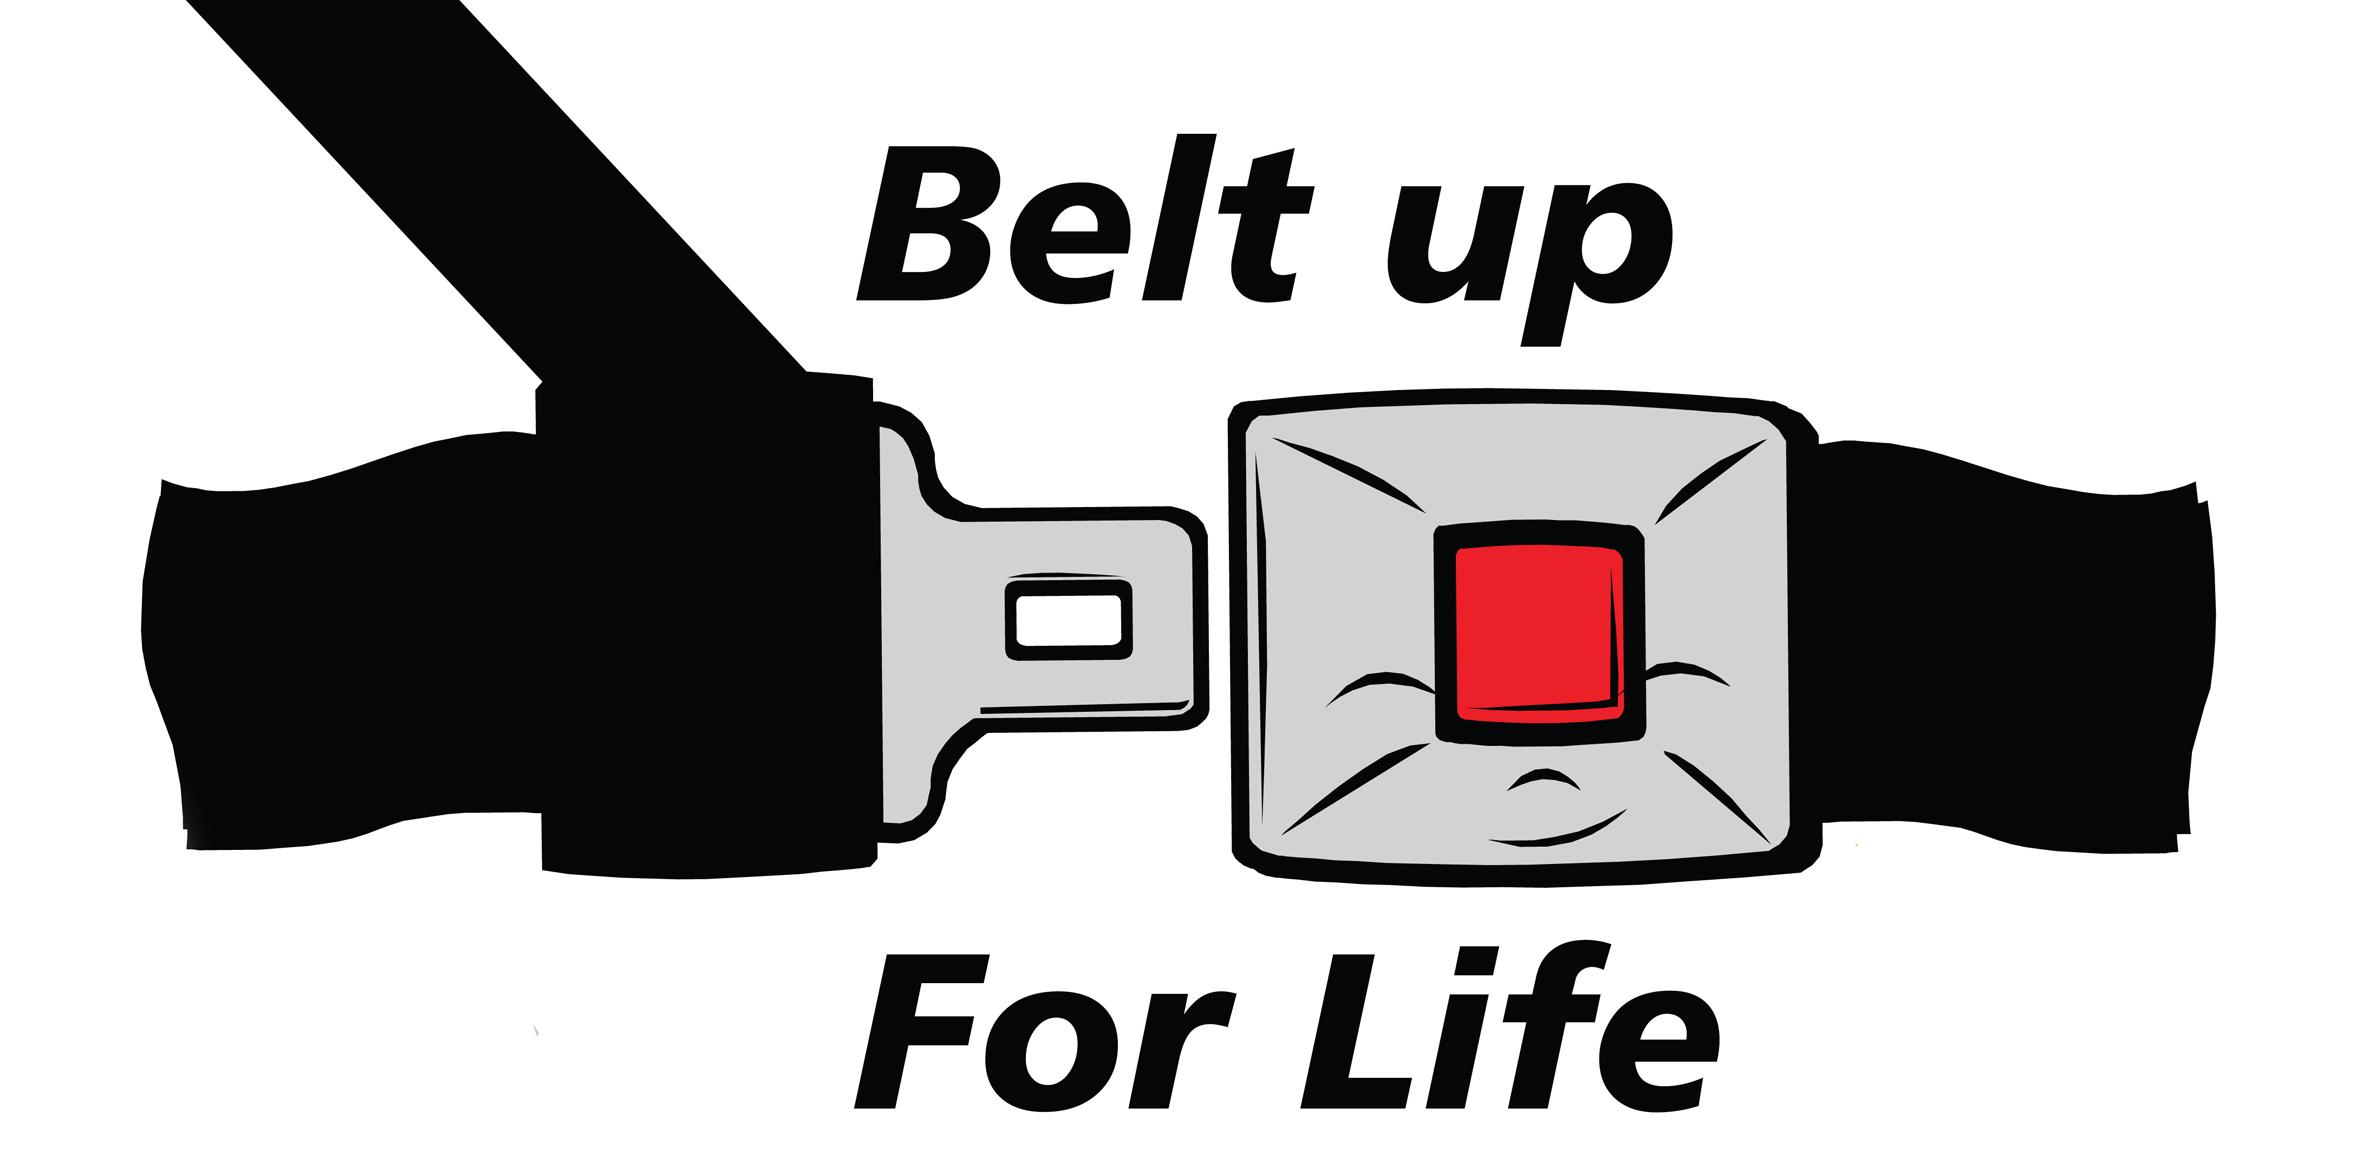 حزام الأمان ضرورة لا يستخدمها قائد السيارة | سيارات سيدتي